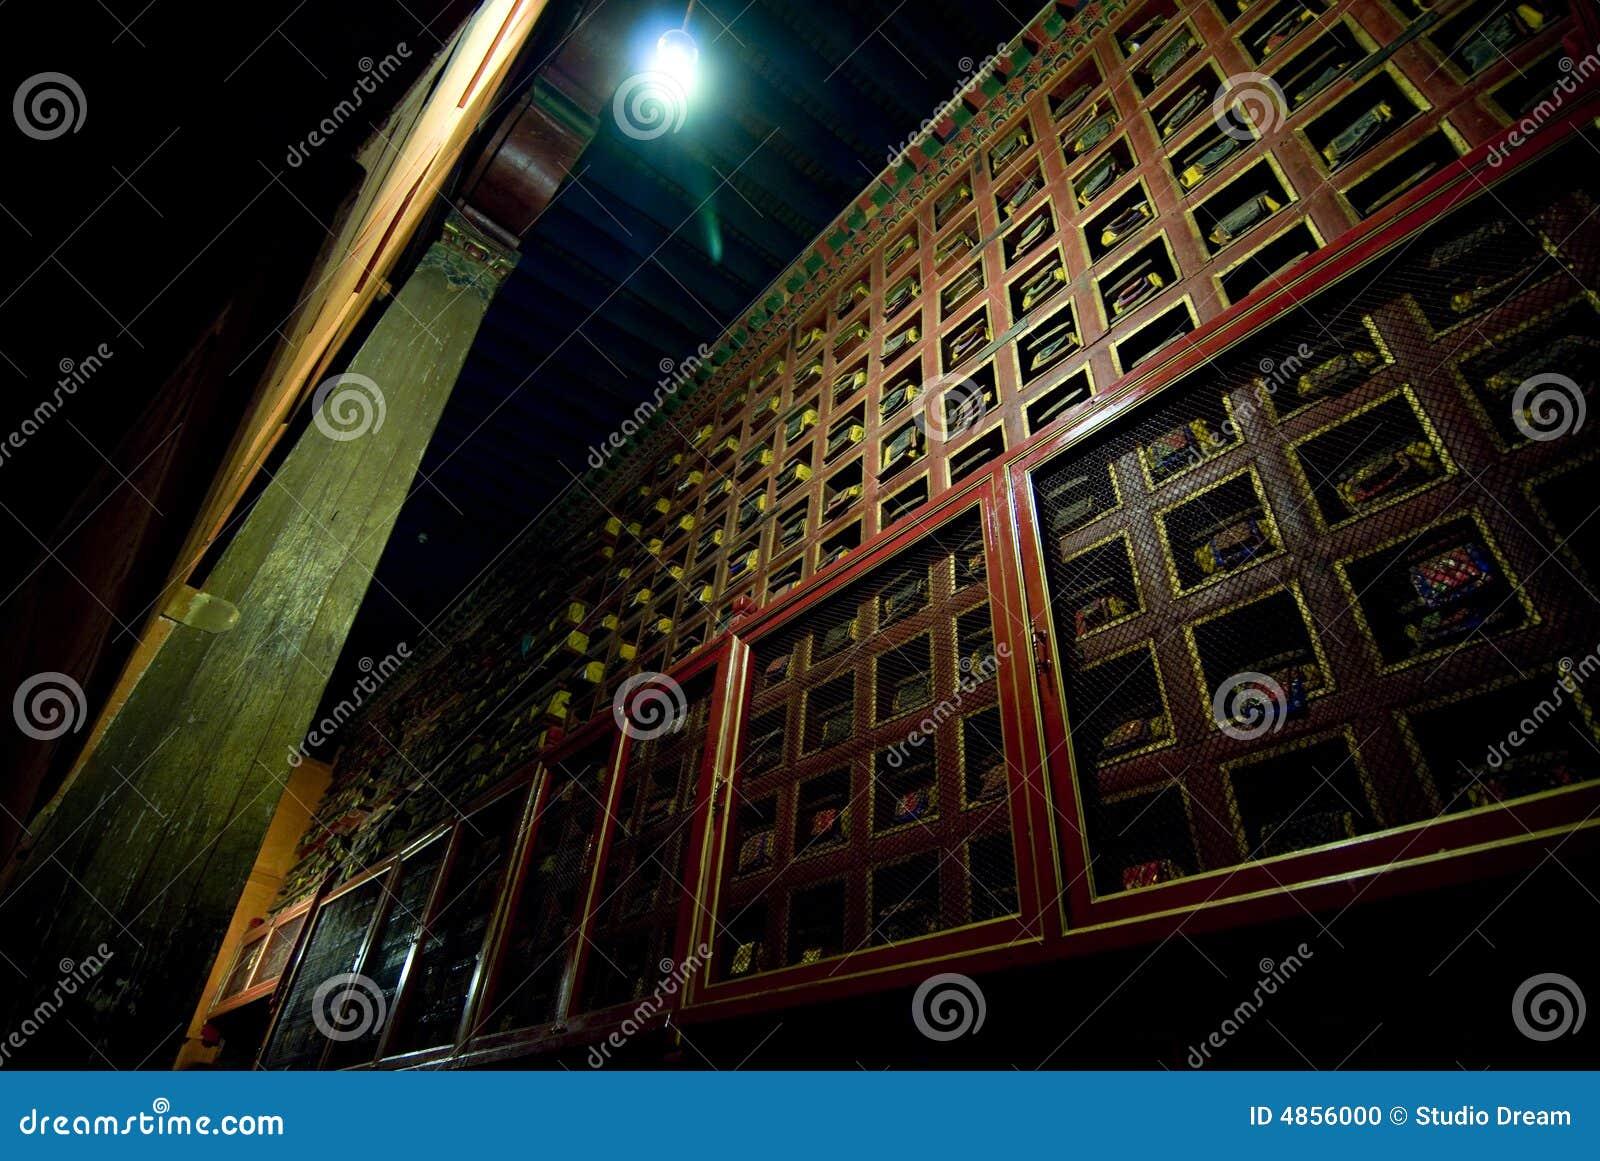 Mur d coratif de palais de potala photo stock image 4856000 for Mur separateur decoratif